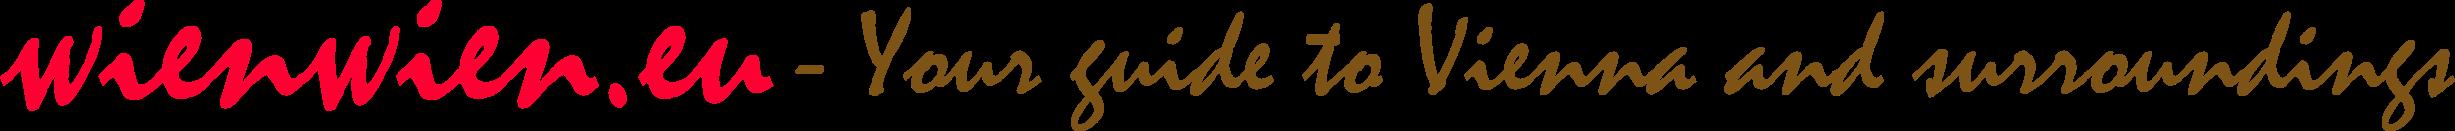 wienwien-logo_EN